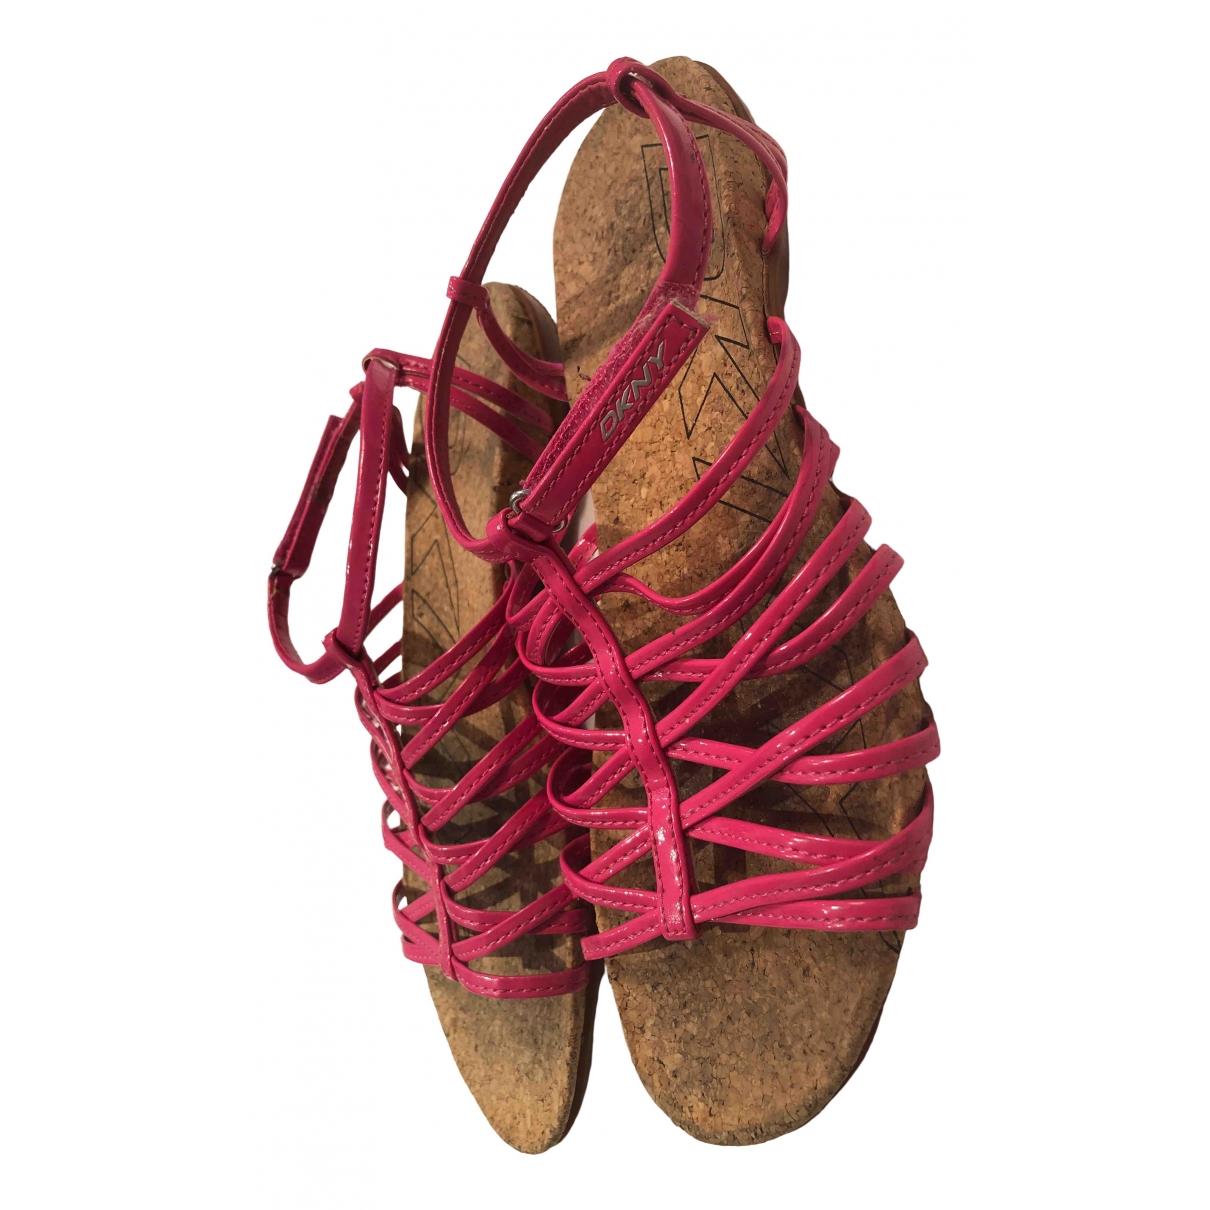 Sandalias romanas de Cuero Dkny